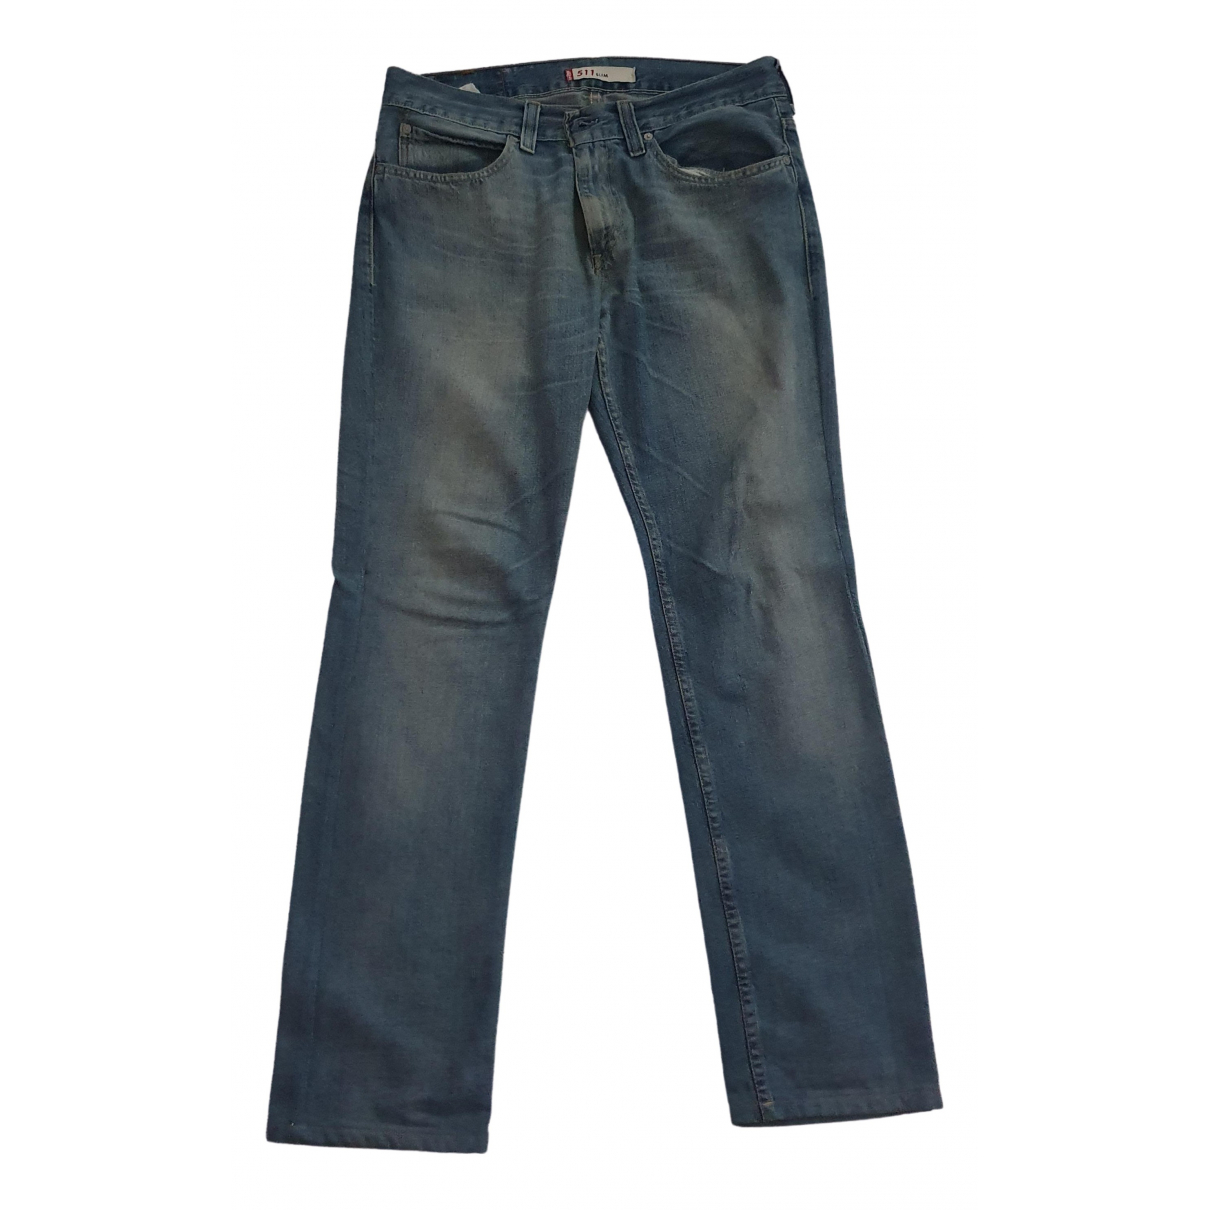 Levi's - Jean 511 pour homme en coton - gris